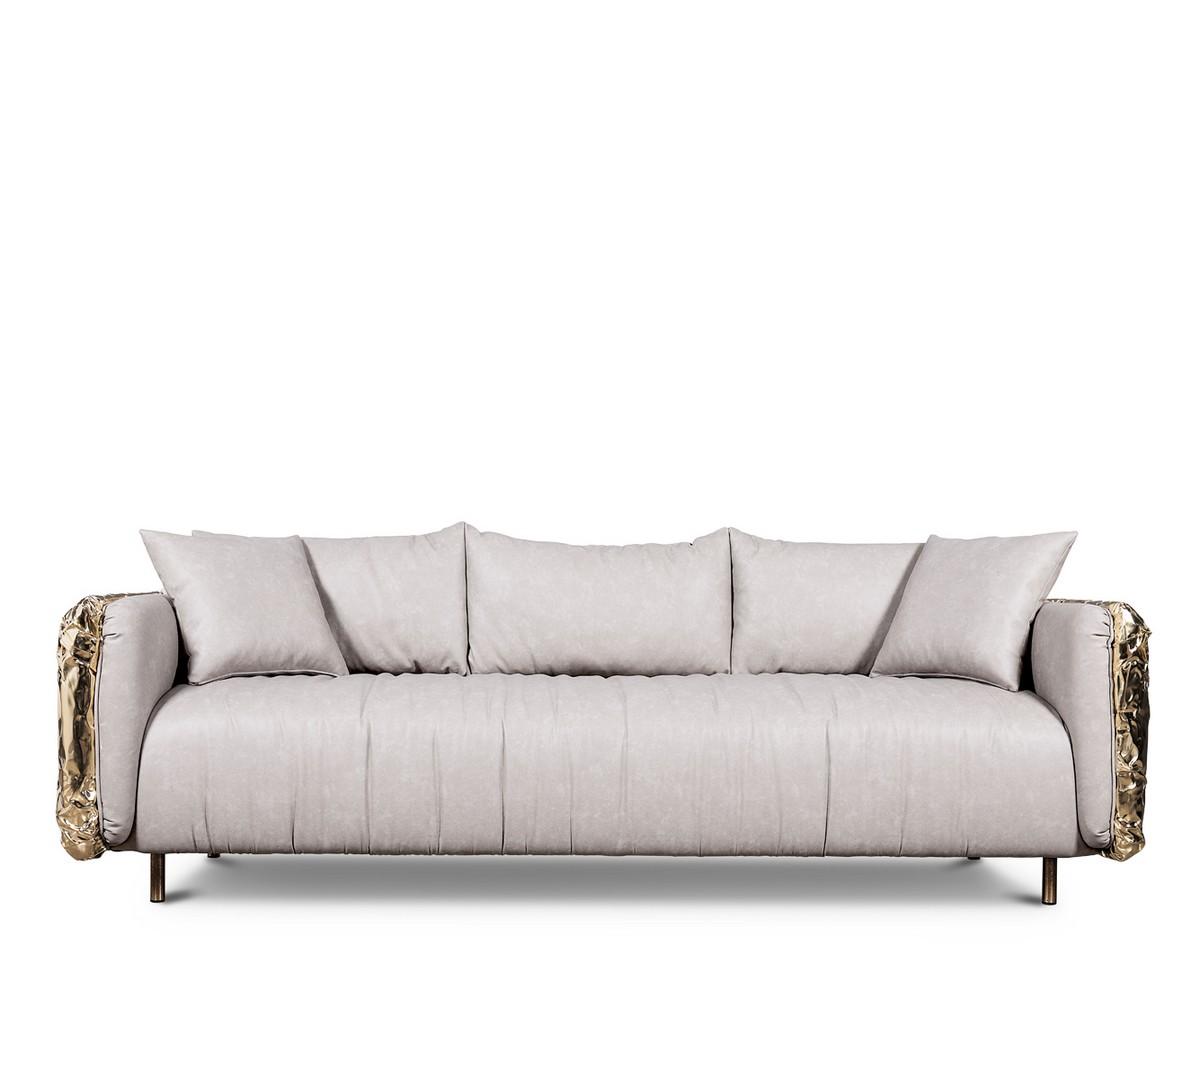 Top Contemporary Sofas